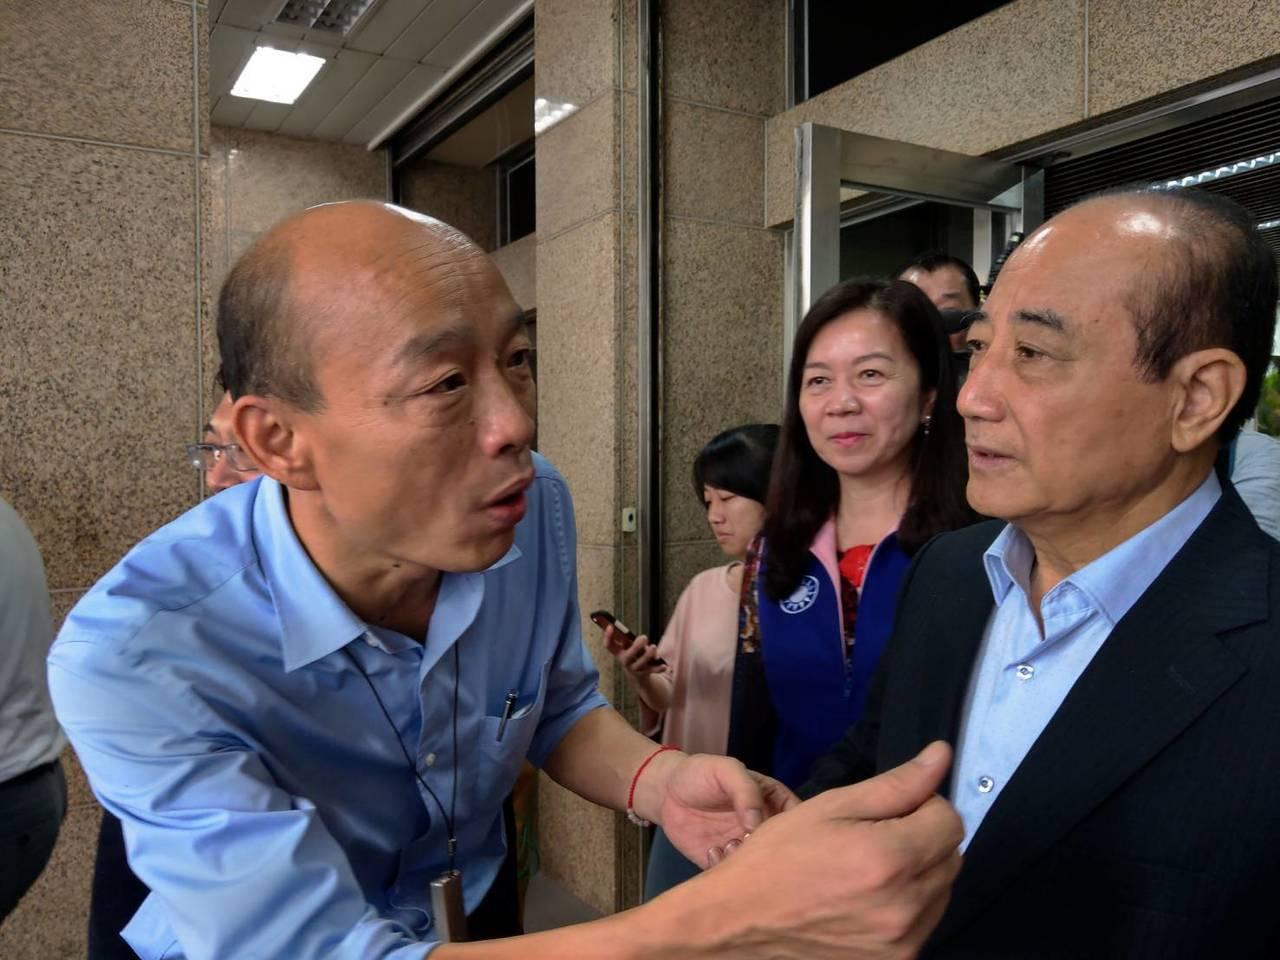 高雄市長韓國瑜拜會國民黨立委王金平。記者劉宛琳/攝影